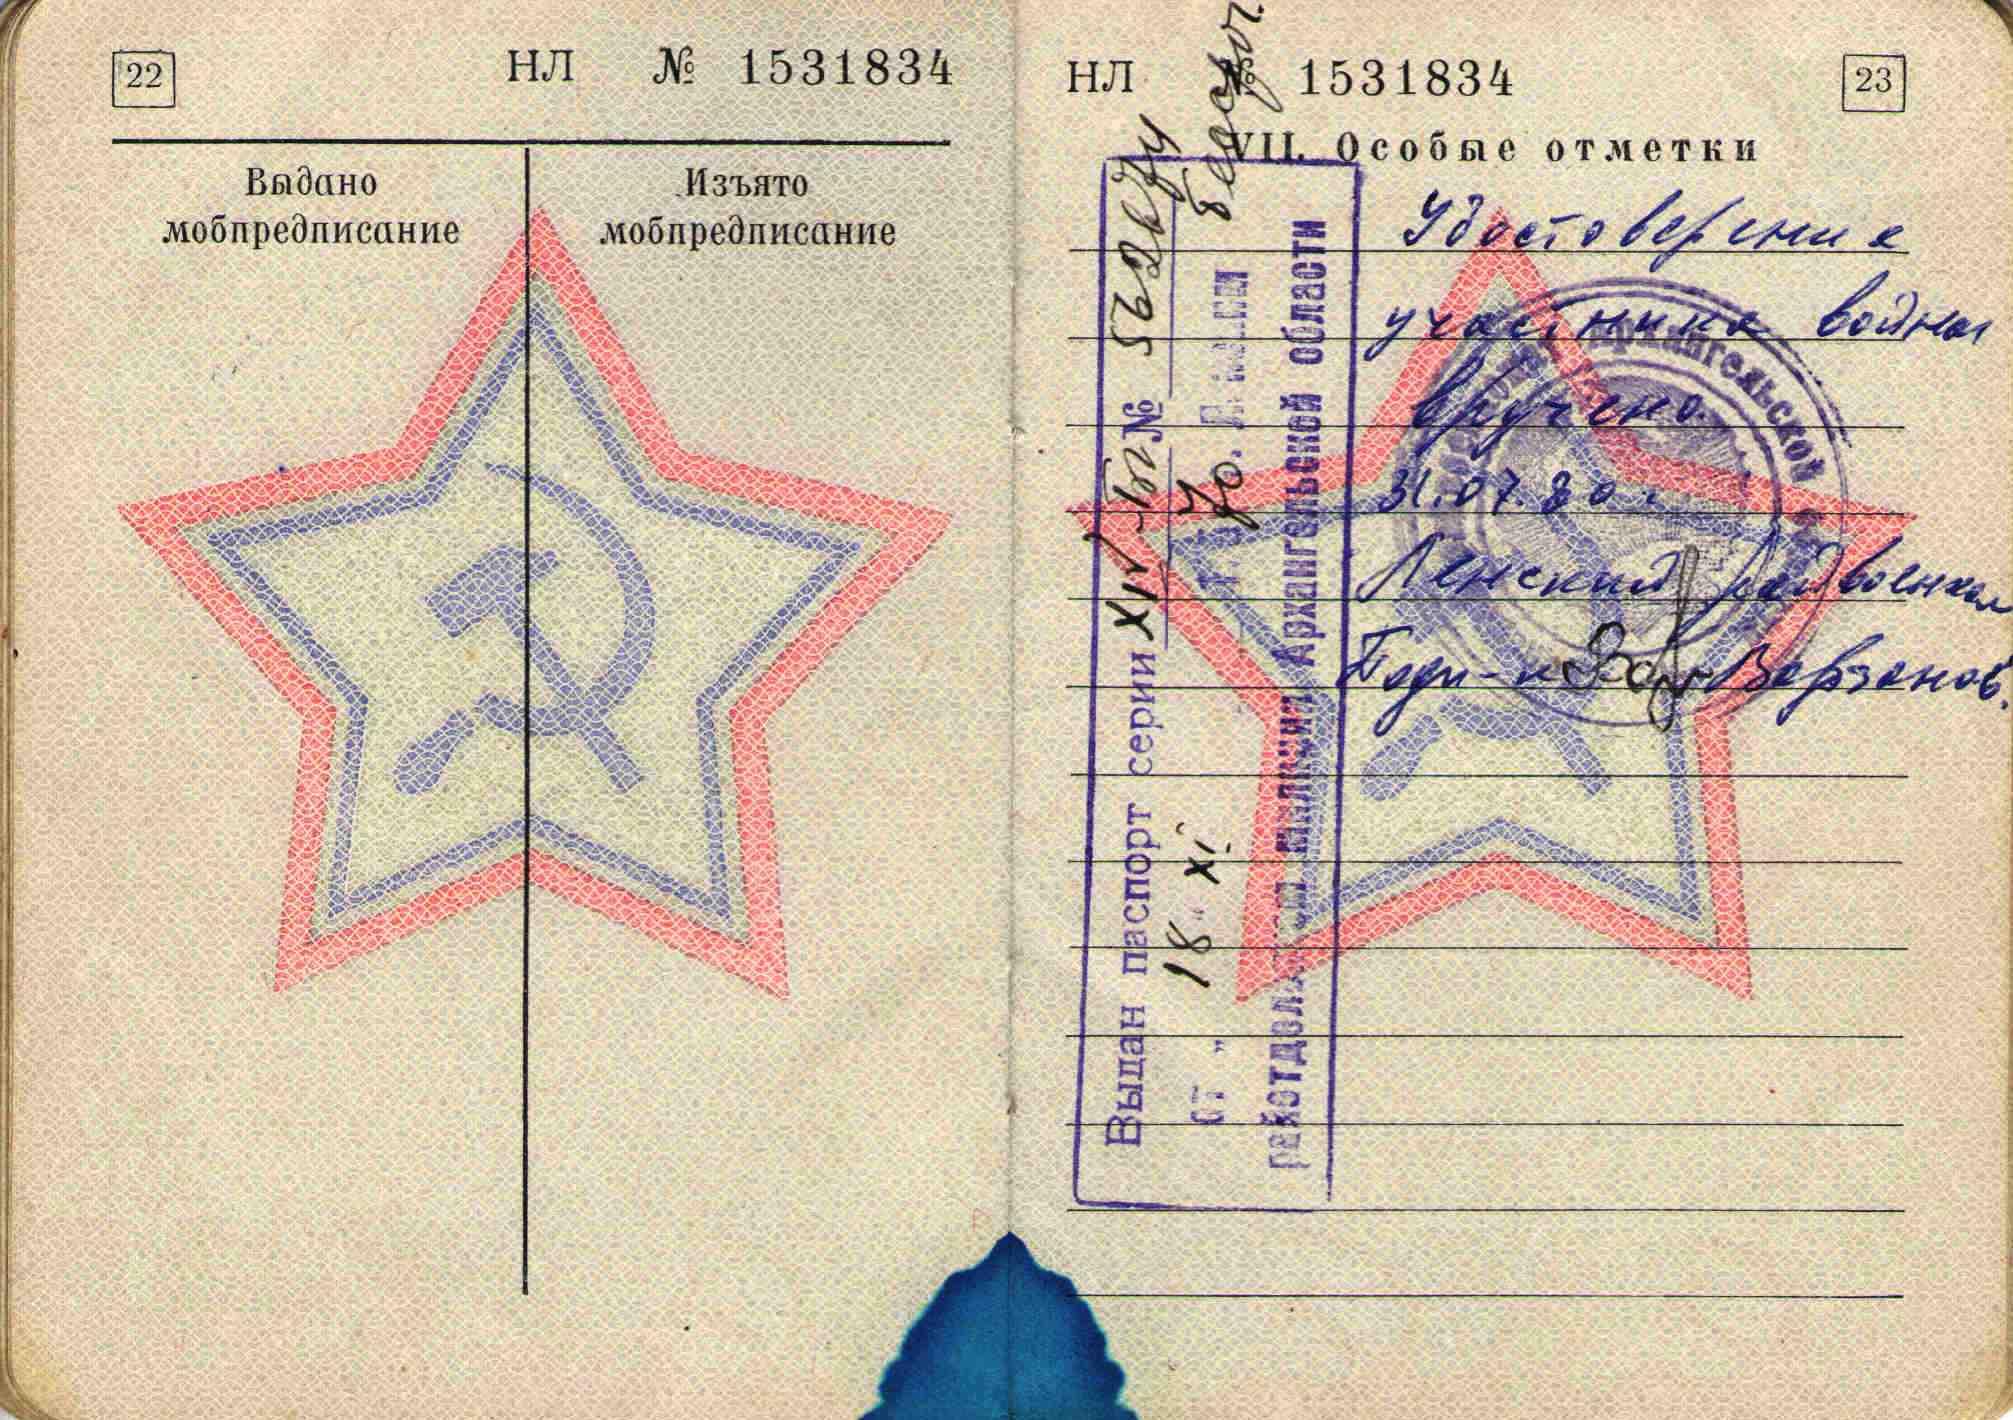 39. Военный билет, 1964